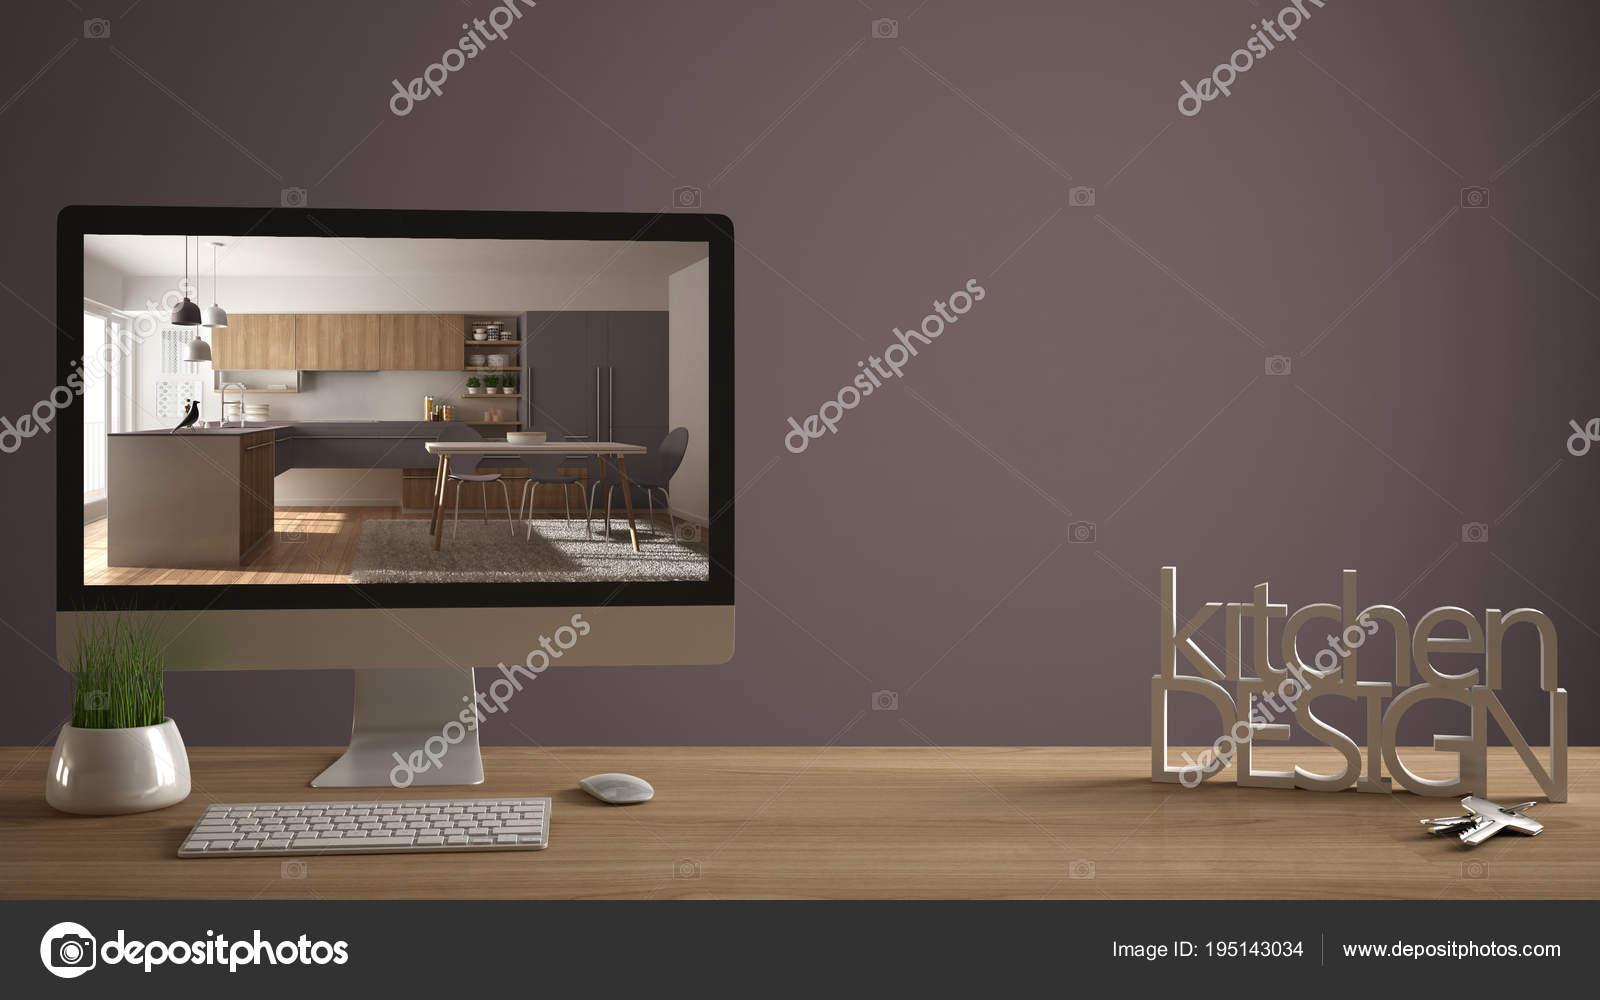 projet cuisine 3d great recevoir votre projet en d la cuisine pas chre with projet cuisine 3d. Black Bedroom Furniture Sets. Home Design Ideas